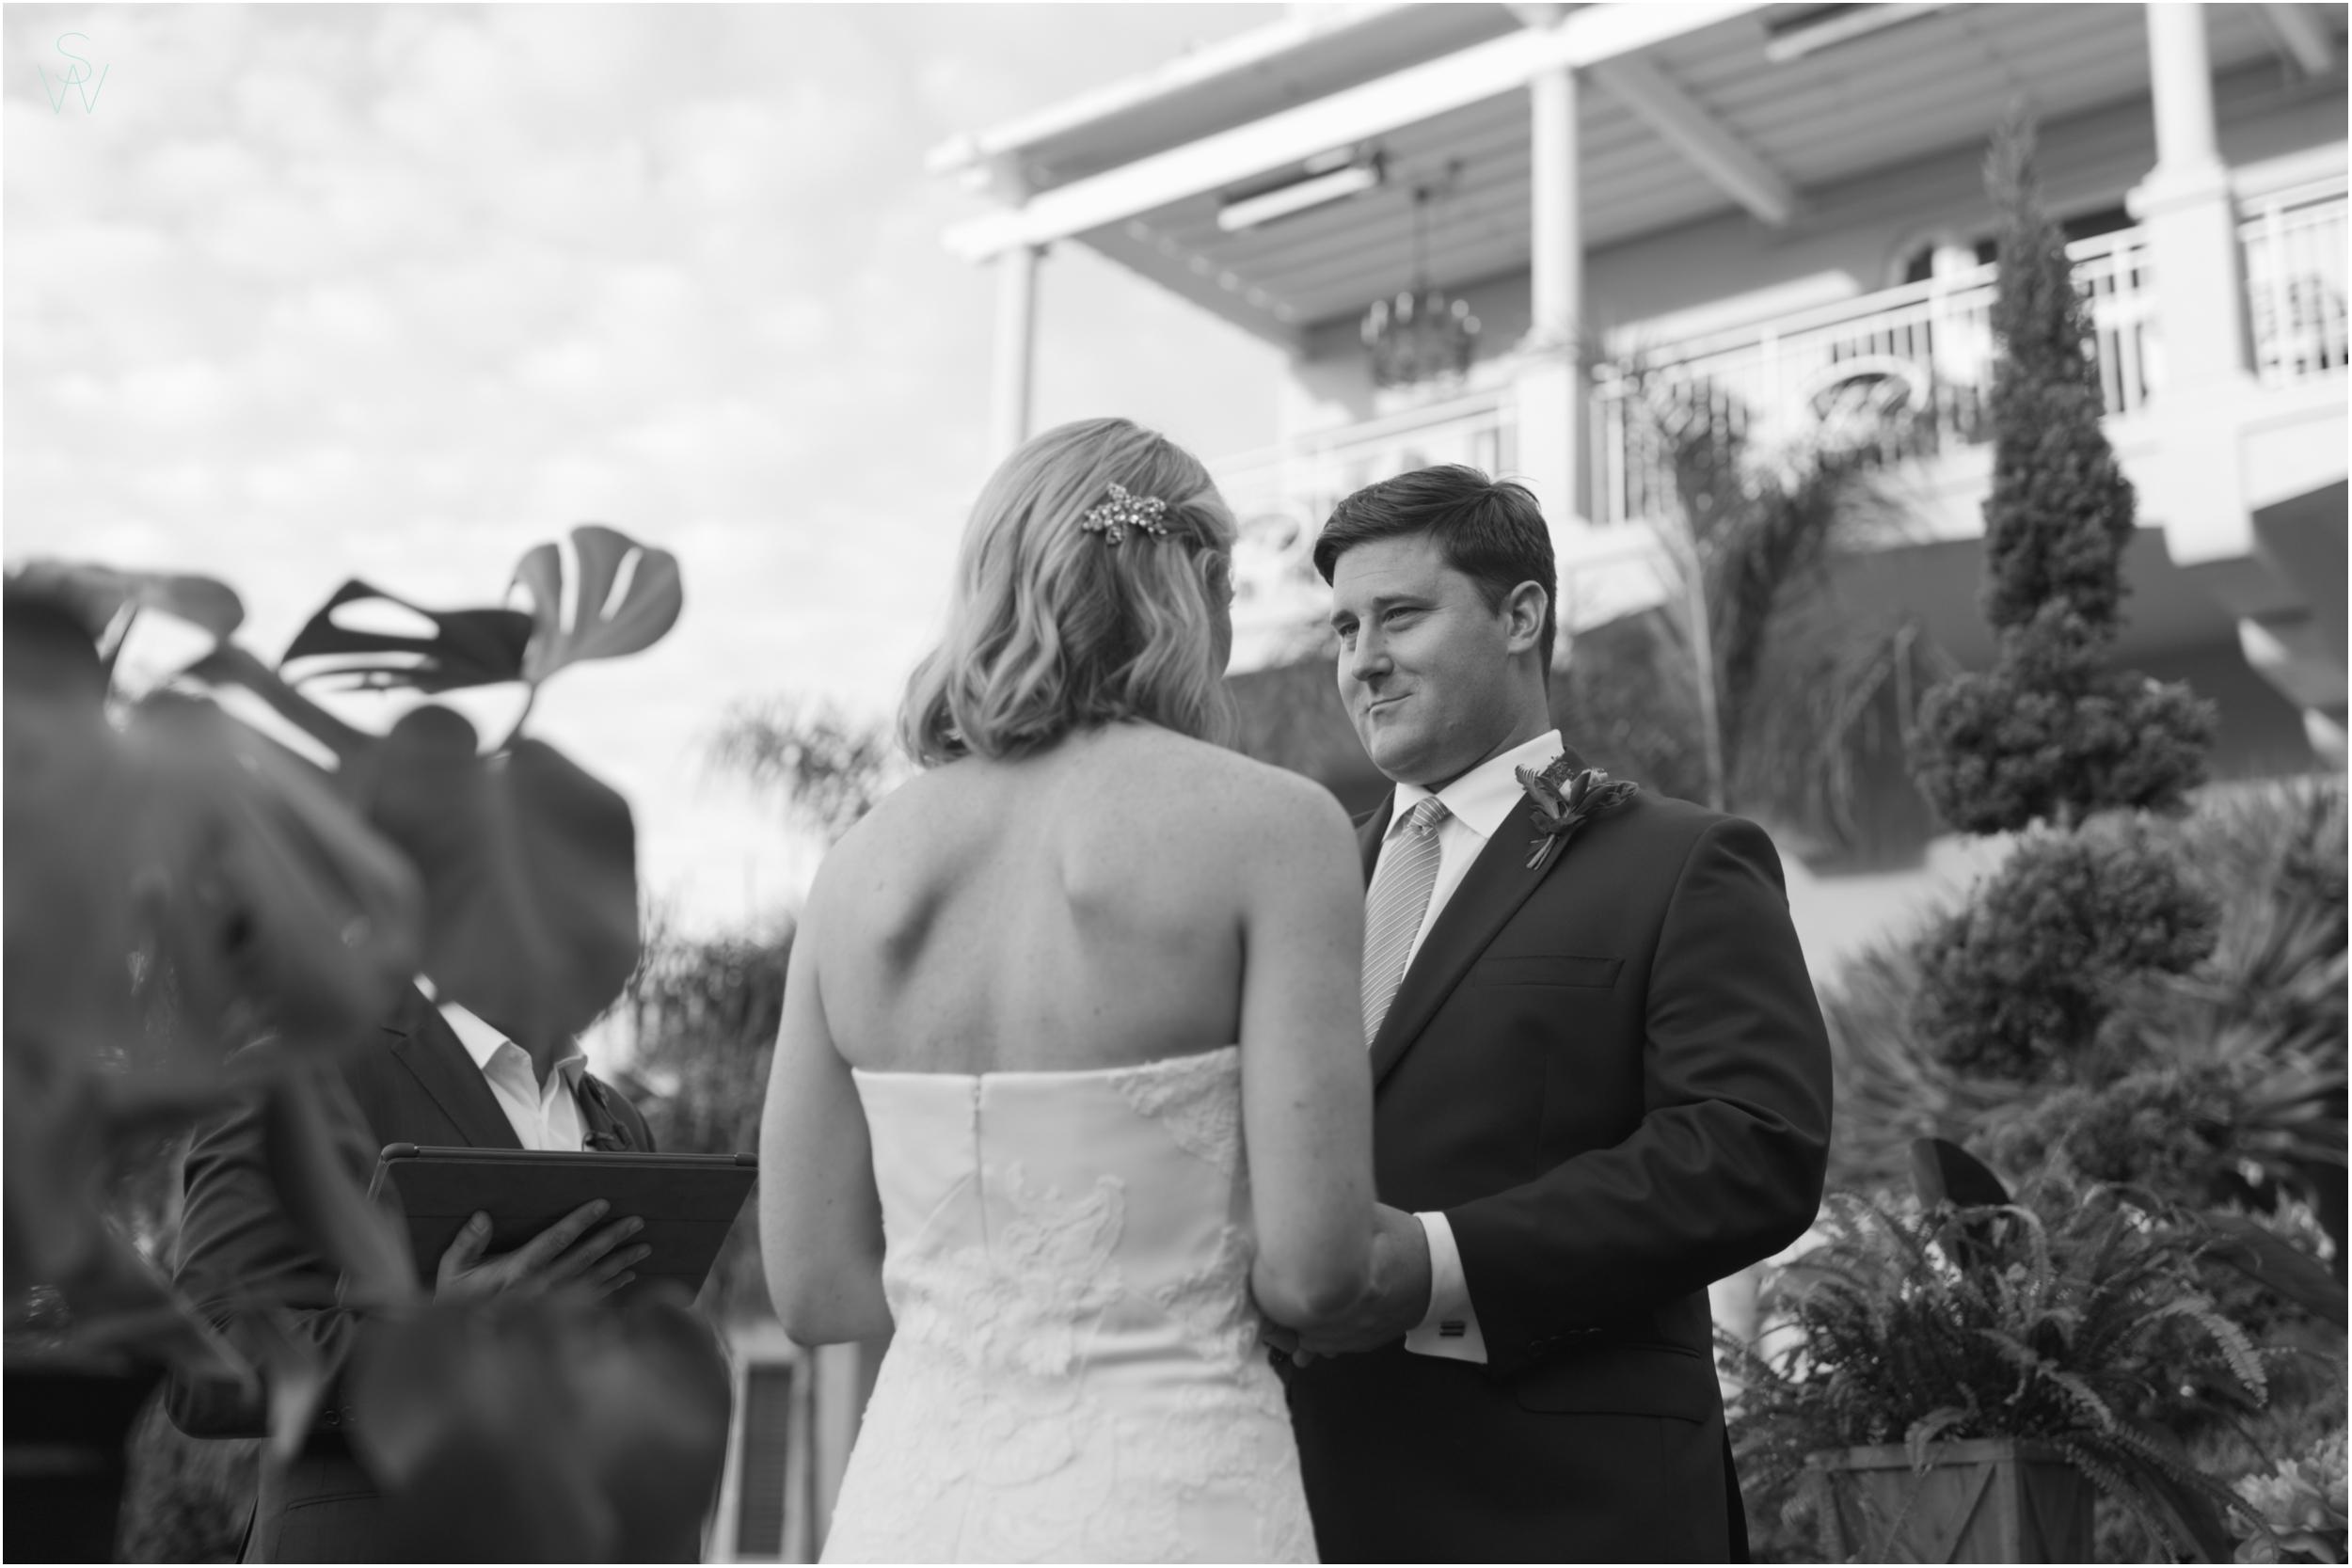 Colleen.Kyle20190122Shewanders.granddelmar.wedding 0473.jpg